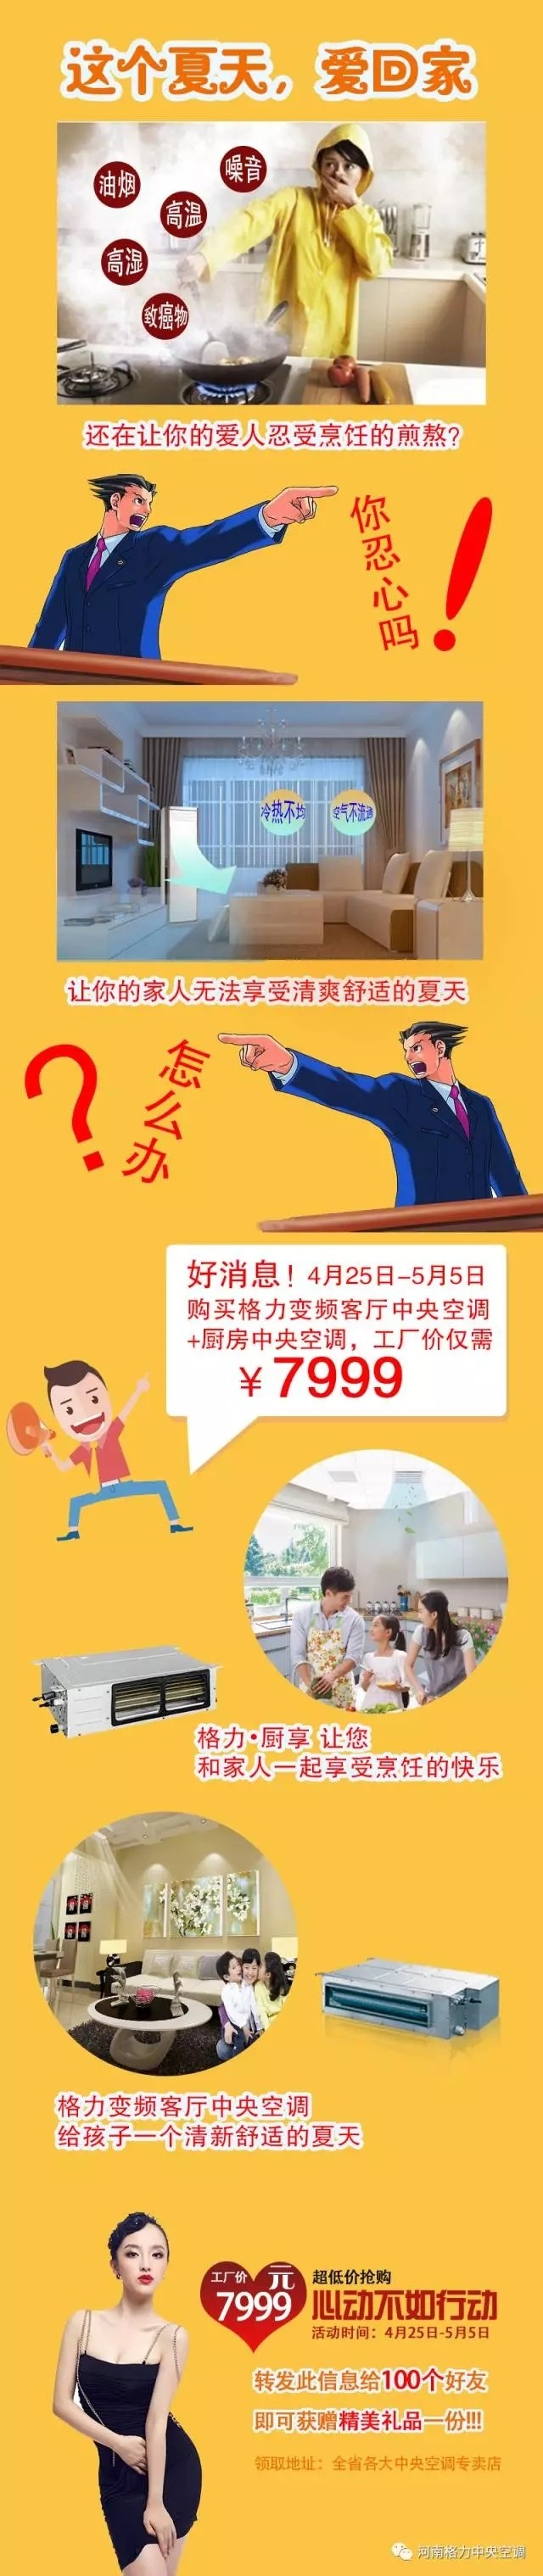 4月25日-5月5日,河南地区用户购买格力变频客厅中央空调+厨房中央空调,工厂仅需7999元